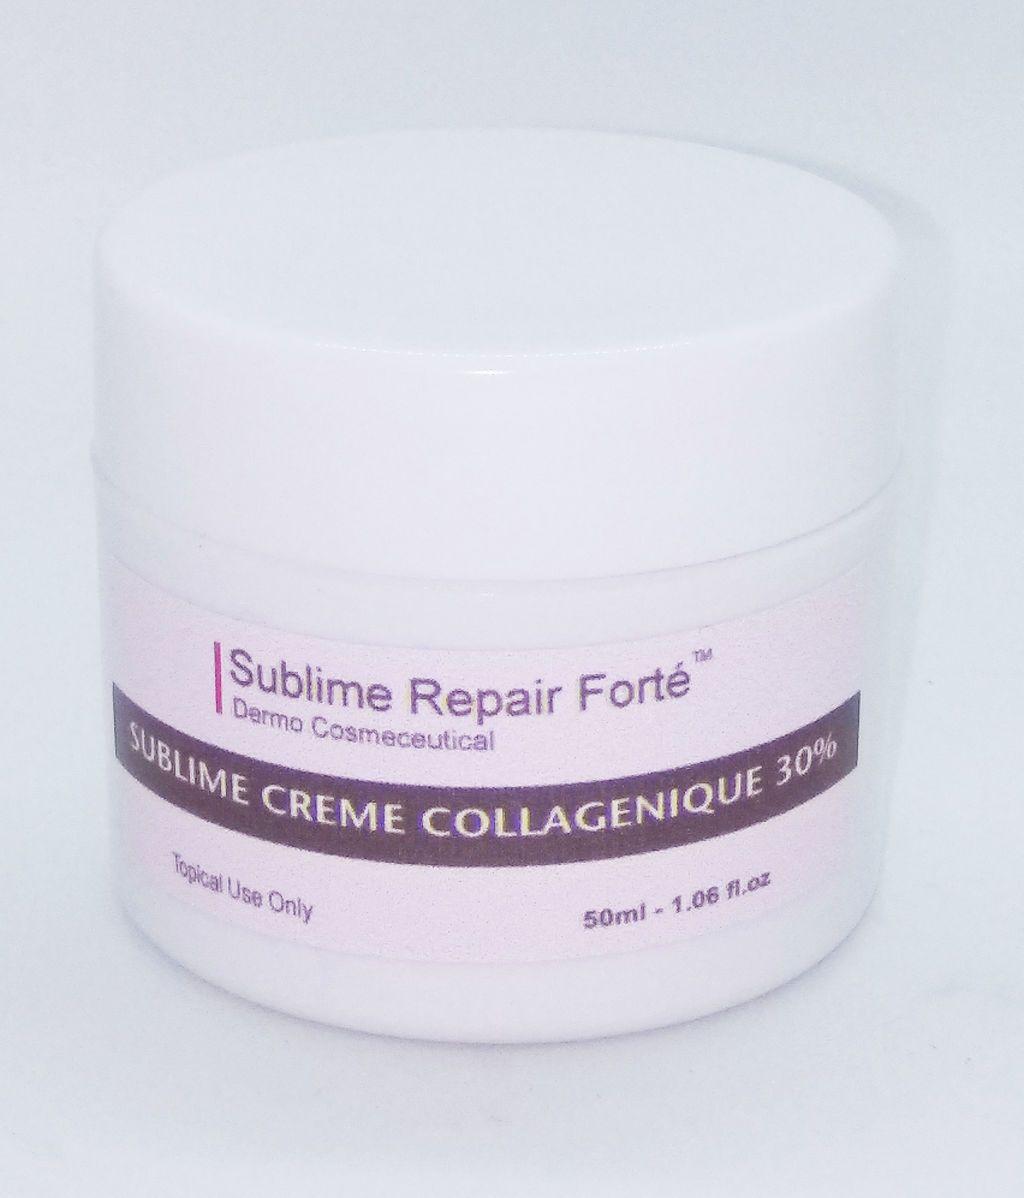 Creme Collagenique 30%